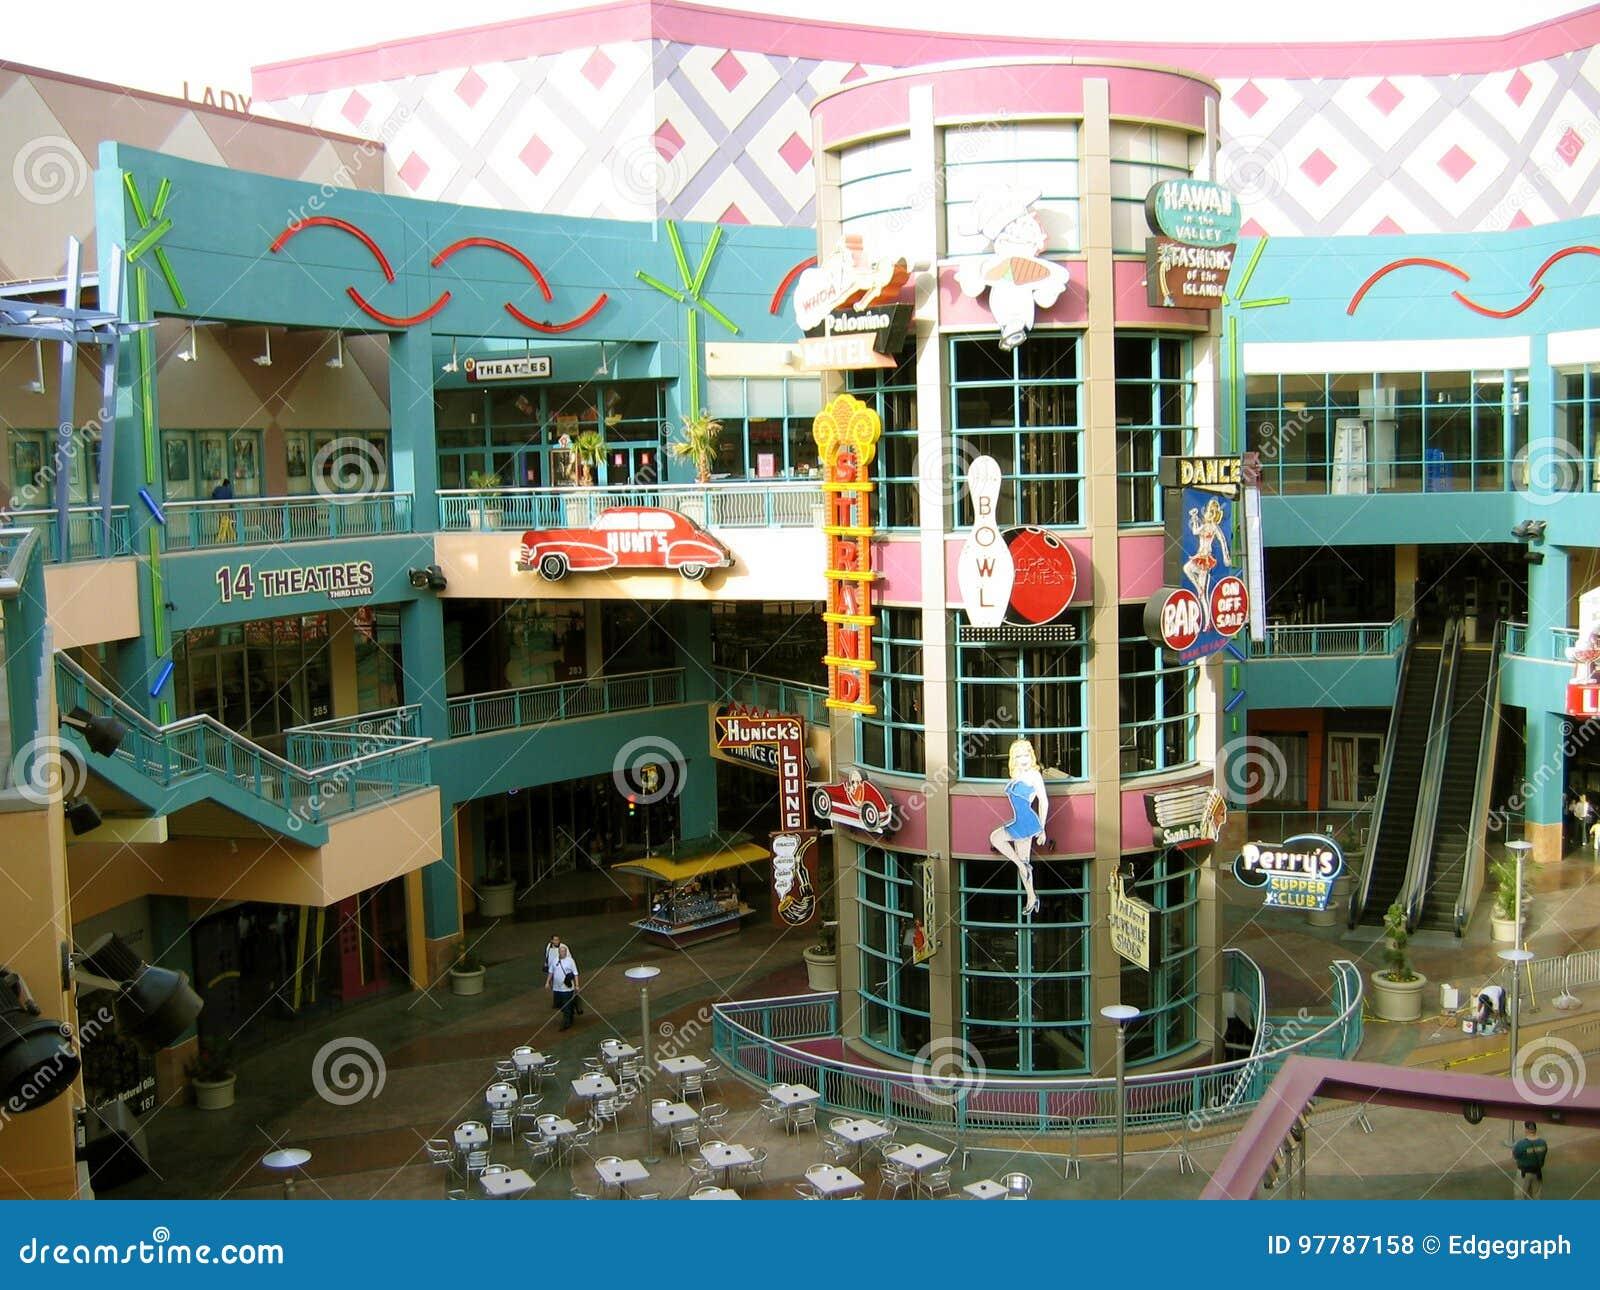 Neonopolis 14 teatrar, Las Vegas, Nevada, USA